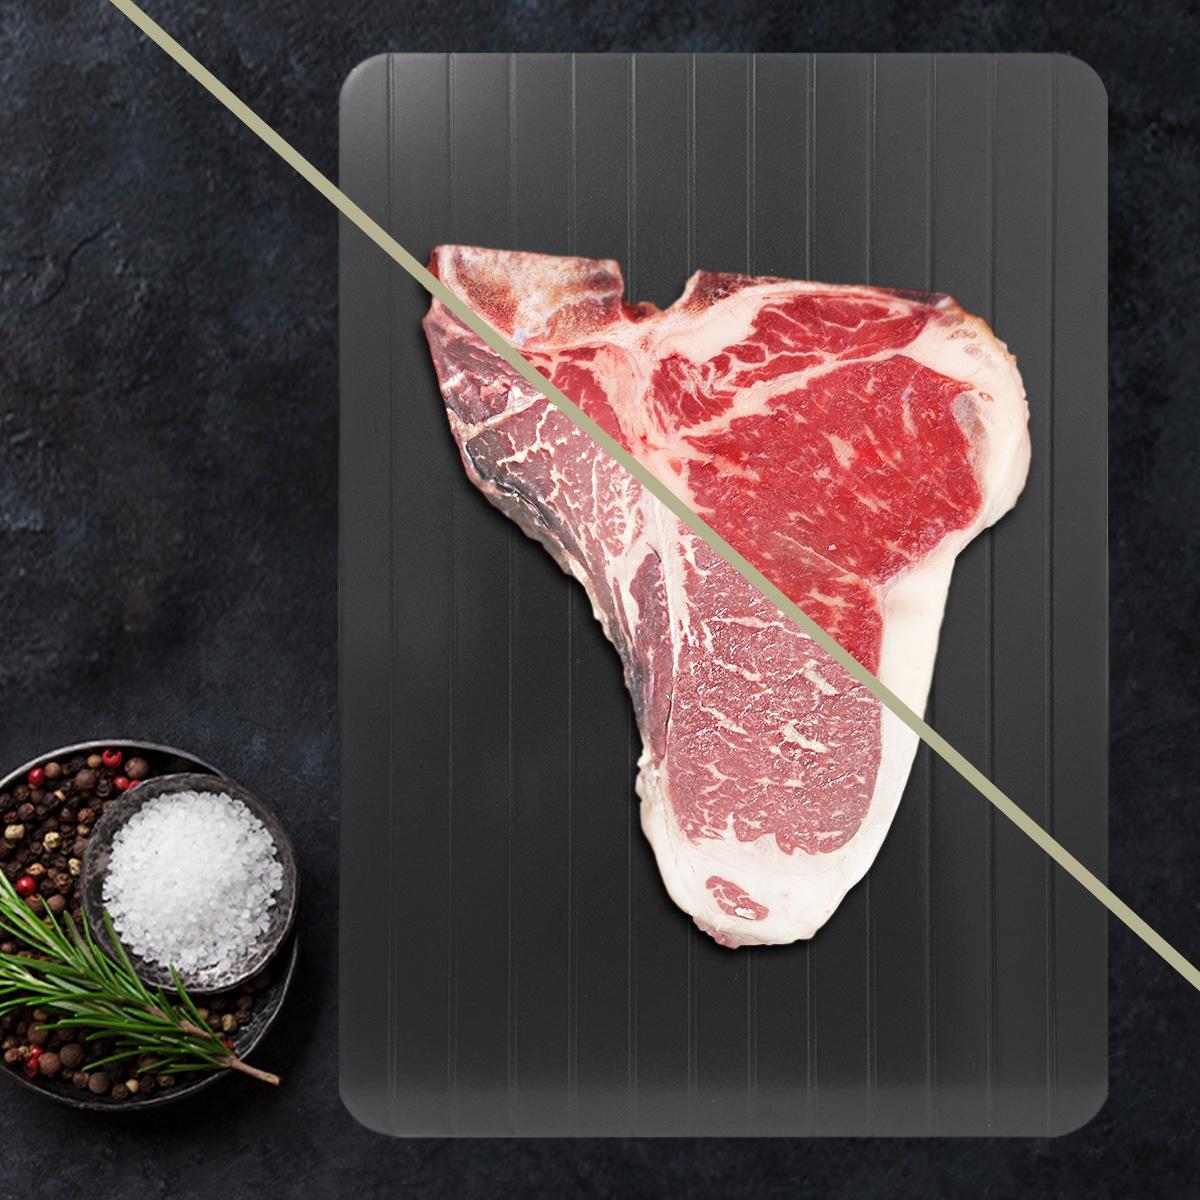 Mirakel optøningsplade til kød, fisk og andre madvarer